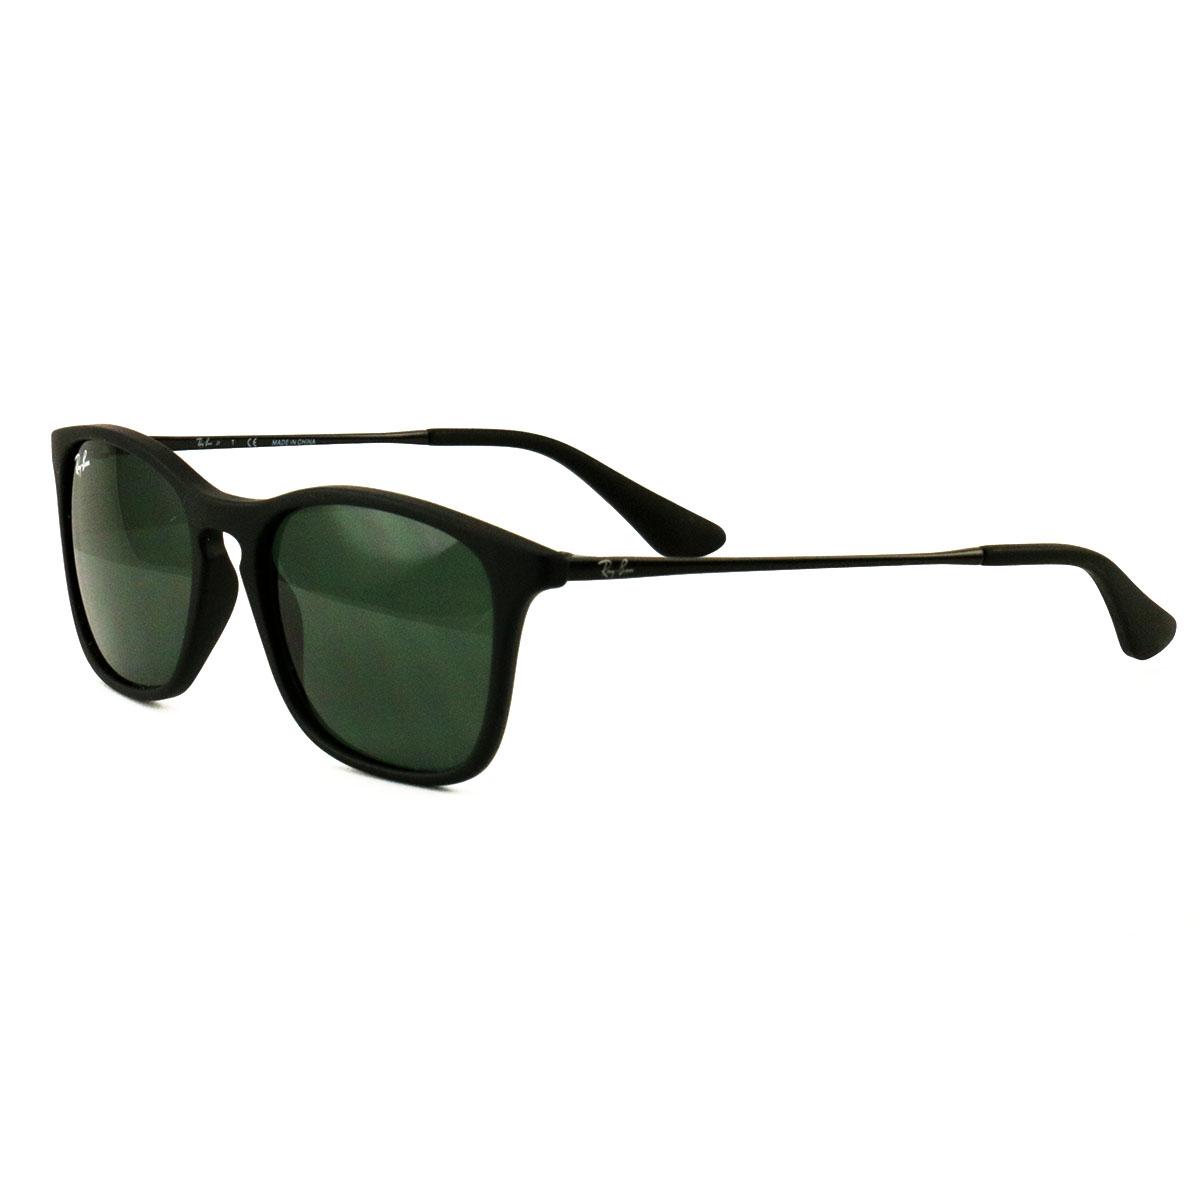 0bd86ef2af Ray Ban Jr Sunglasses RJ9061S 7005 71 Matte Black Green 49 15 130 ...